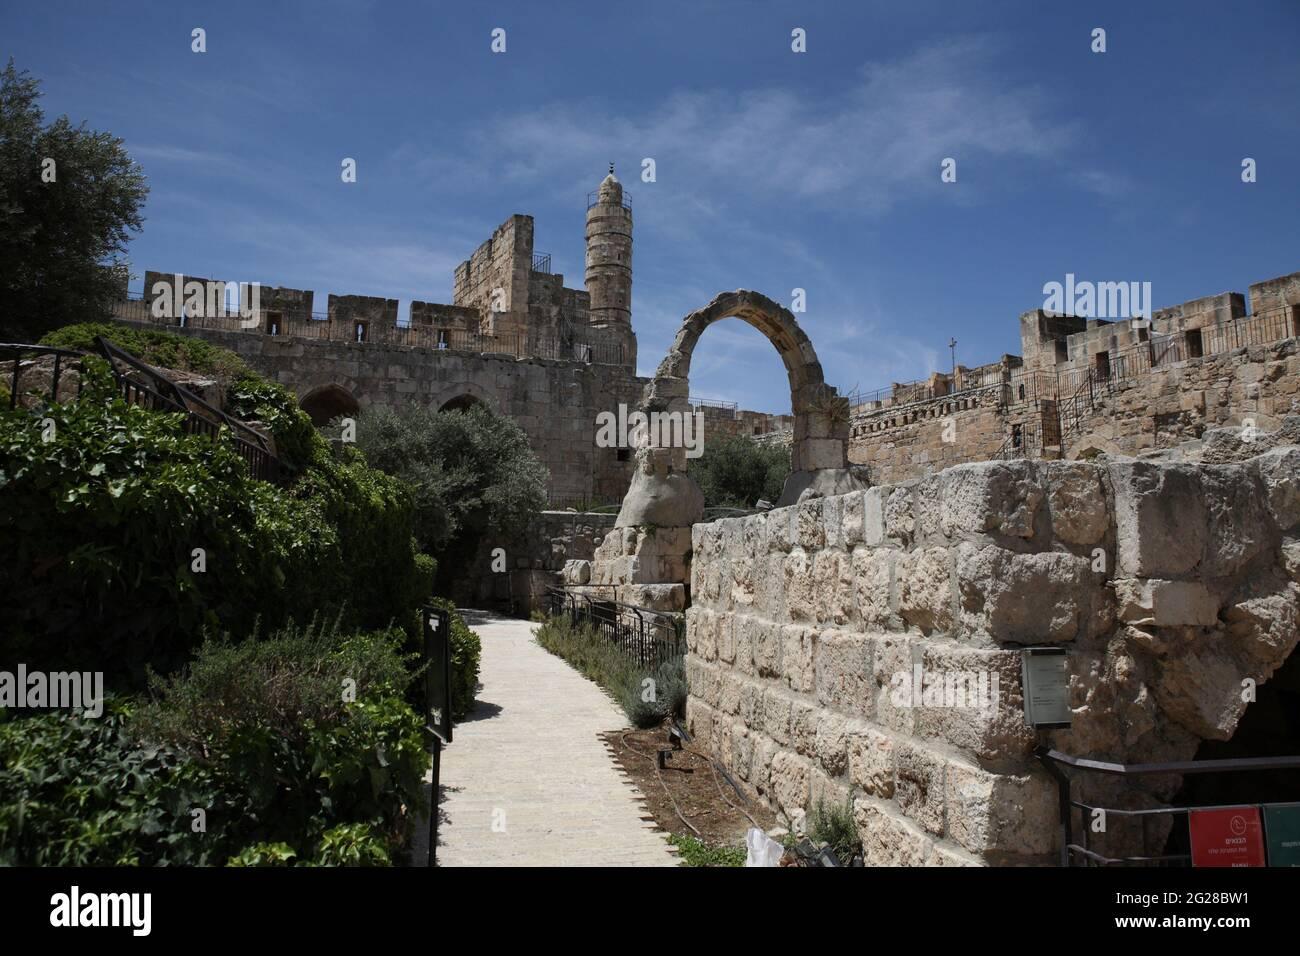 Torre de David o Ciudadela de David, minarete de una mezquita parte de la ciudadela. Vea delante un arco y una pared, restos de fortificaciones más antiguas. Foto de stock